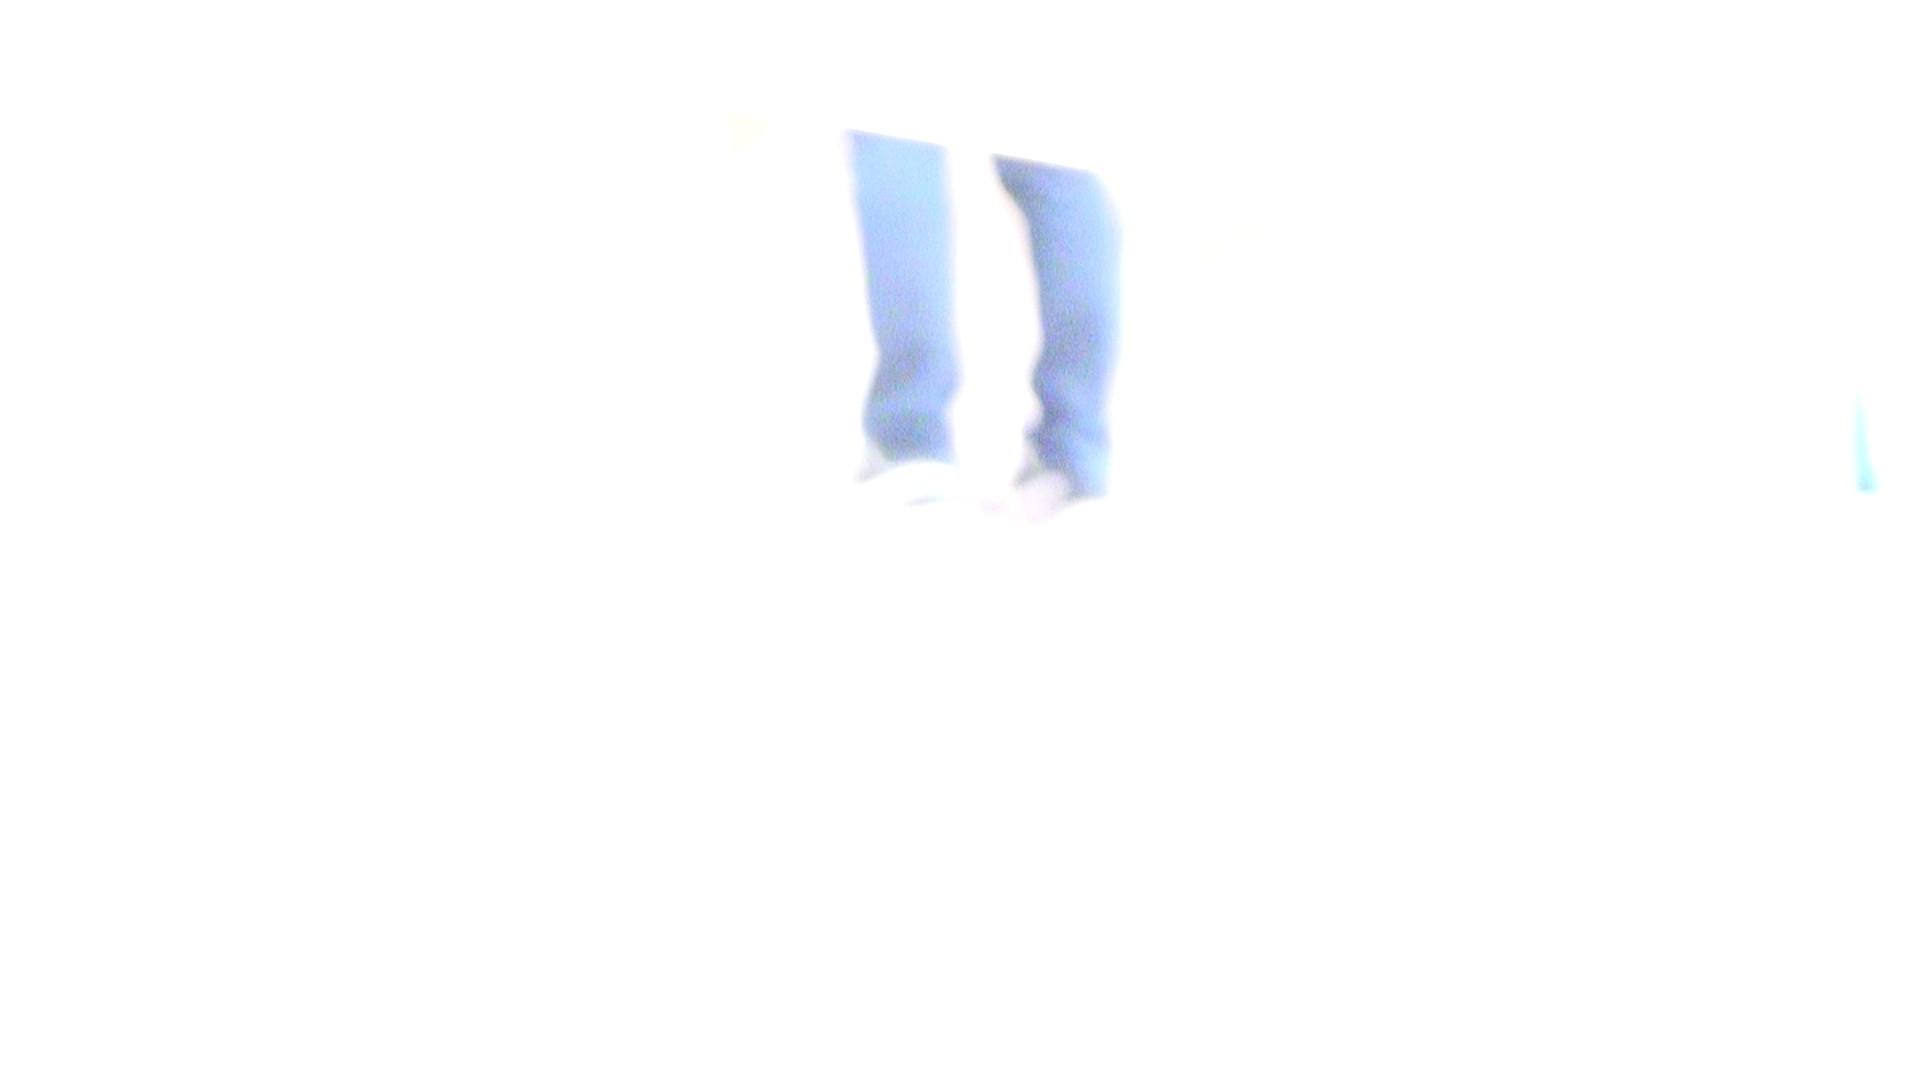 ※100個限定販売 至高下半身盗撮 プレミアム Vol.27 ハイビジョン 盗撮で悶絶 SEX無修正画像 103画像 54